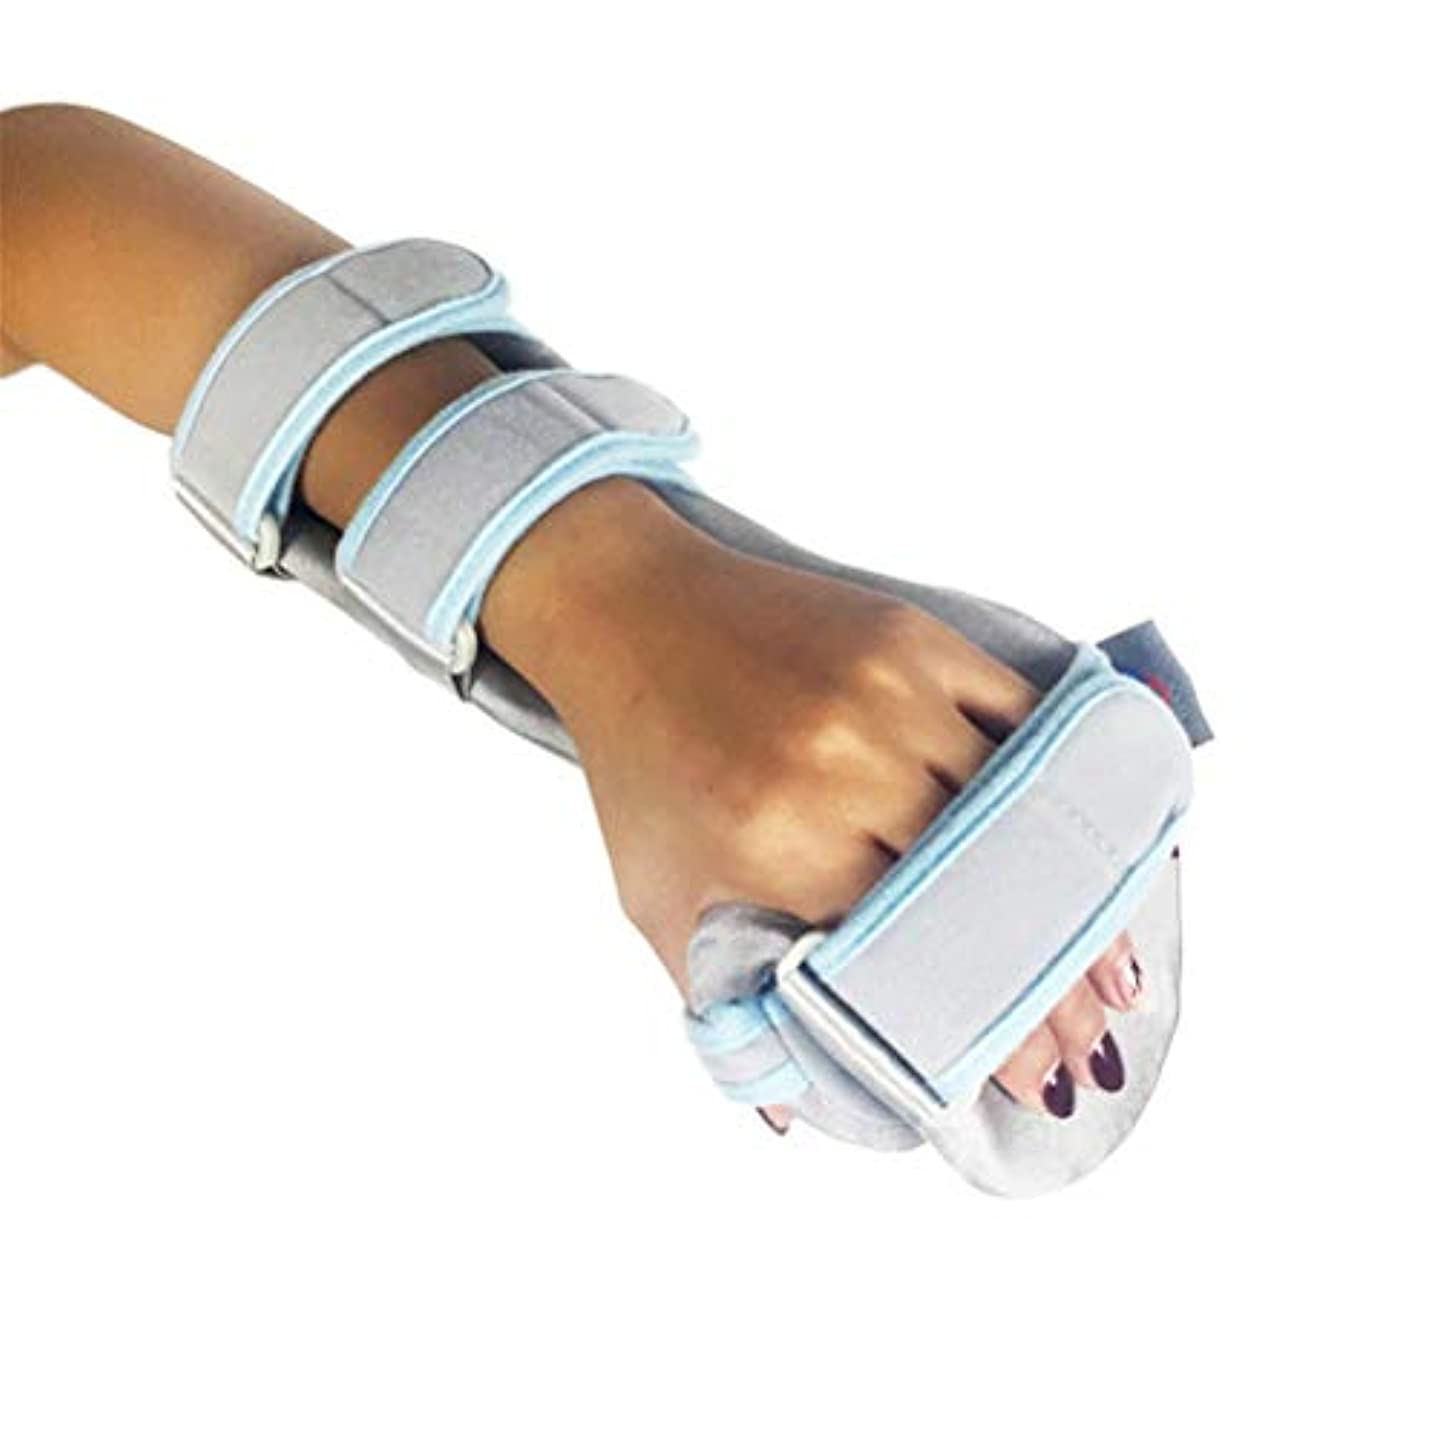 歴史発行する役に立たないHEALIFTY 指スプリントフィンガー手首骨折固定足場用腱腱炎腱炎骨折関節炎転位(右手)